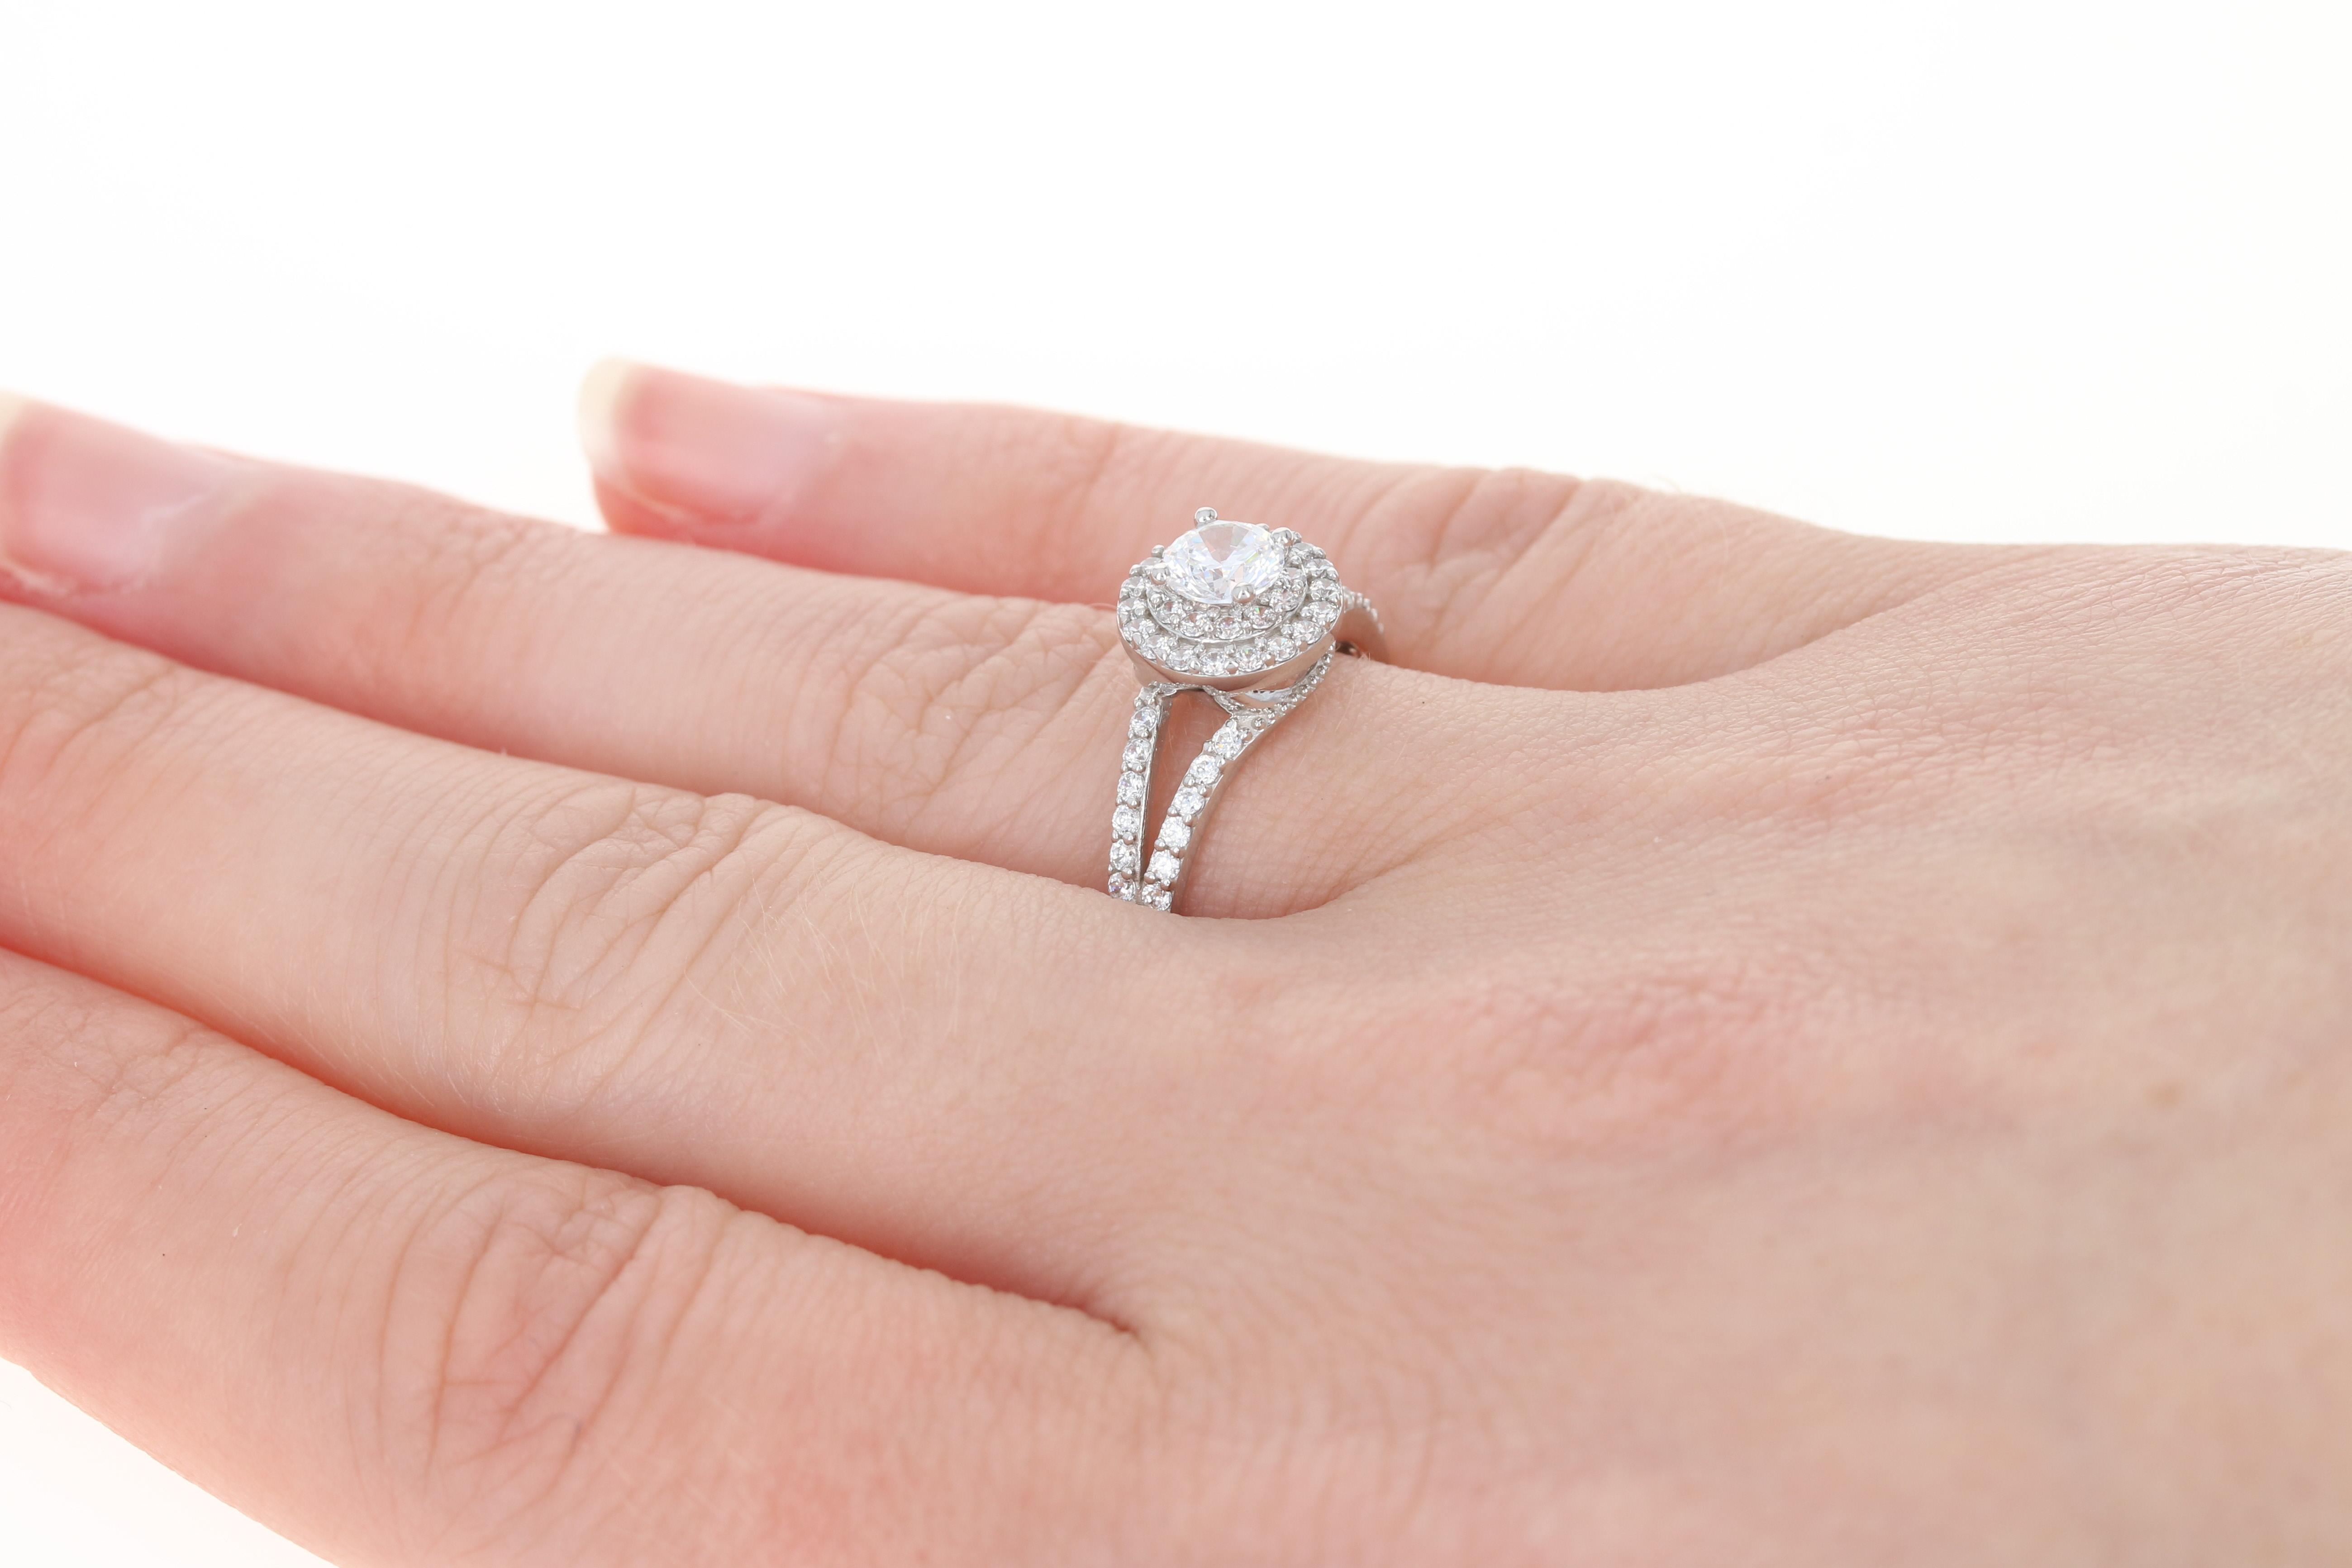 Cubic Zirconia Double Halo Engagement Ring - 14k White Gold CZs   eBay